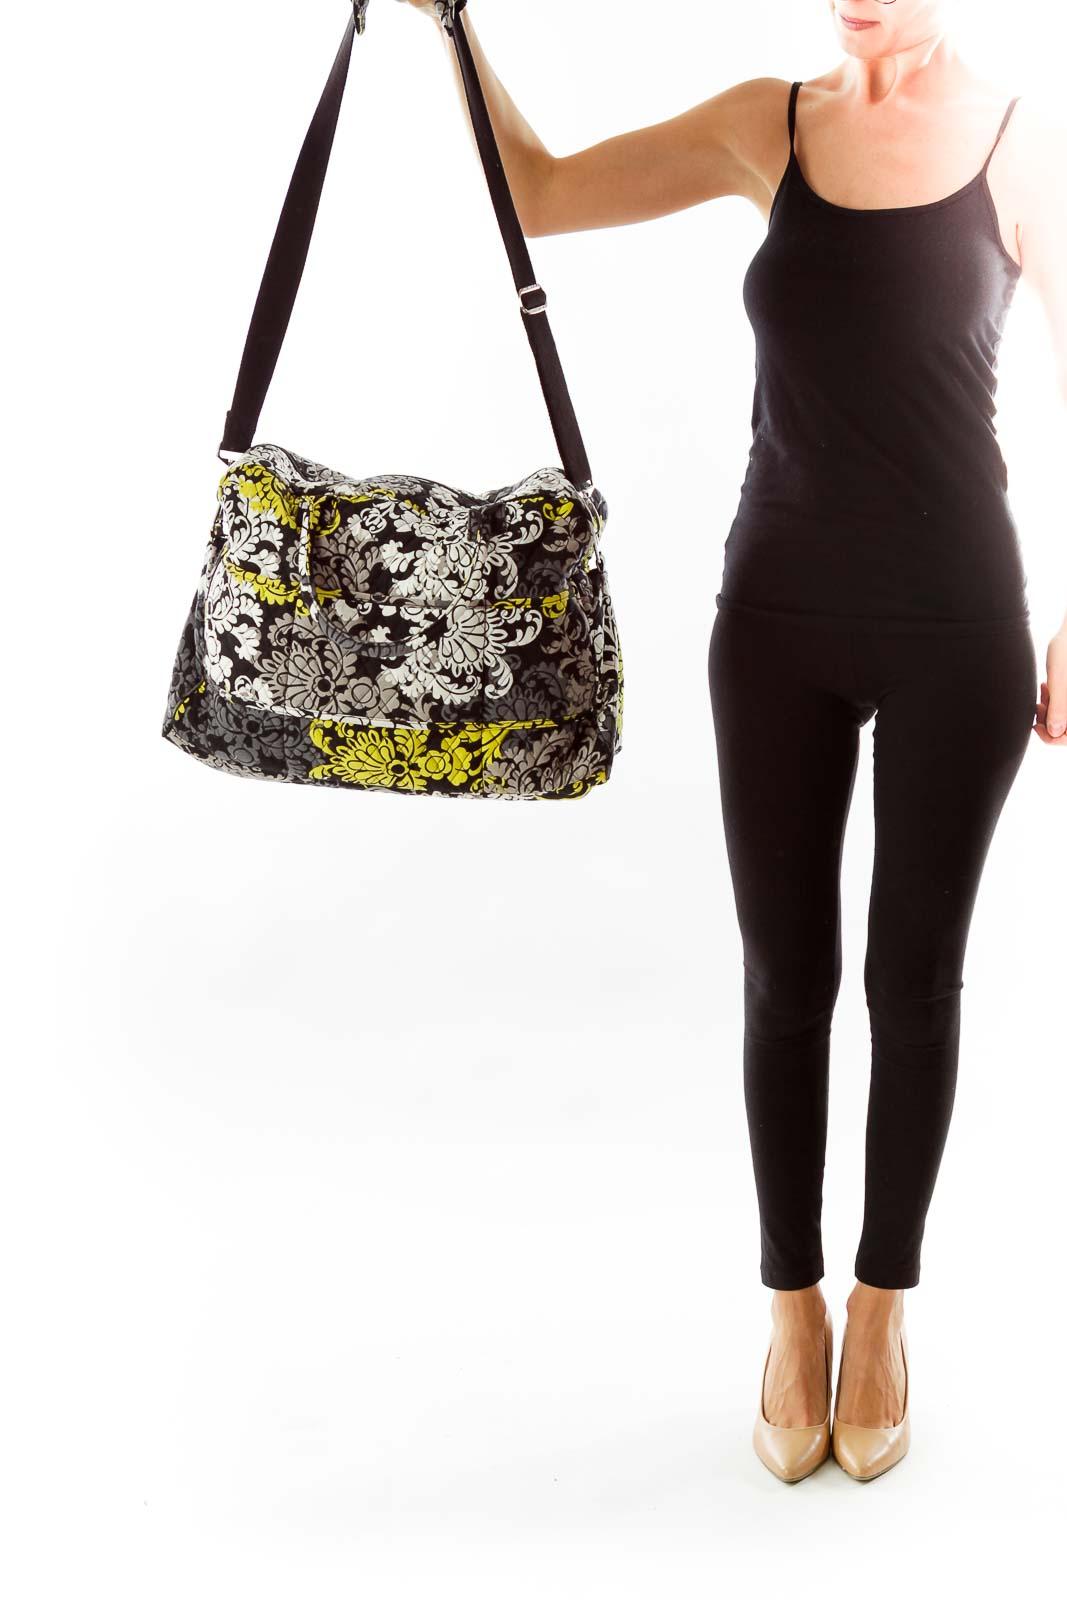 dc587f6fe633e Shop Black, White, Yellow Flower Print Duffle clothing and handbags ...